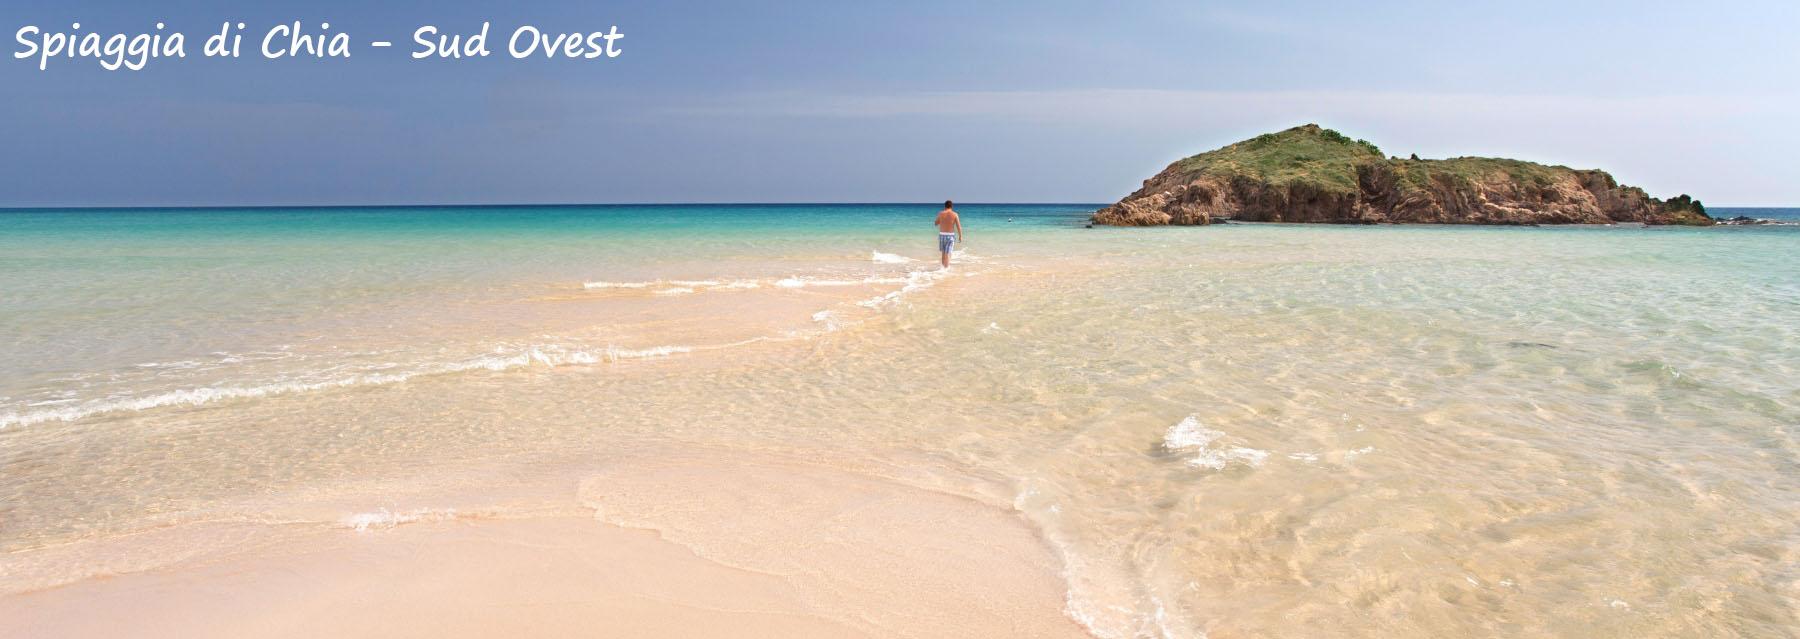 Spiaggia di Chia Sardegna